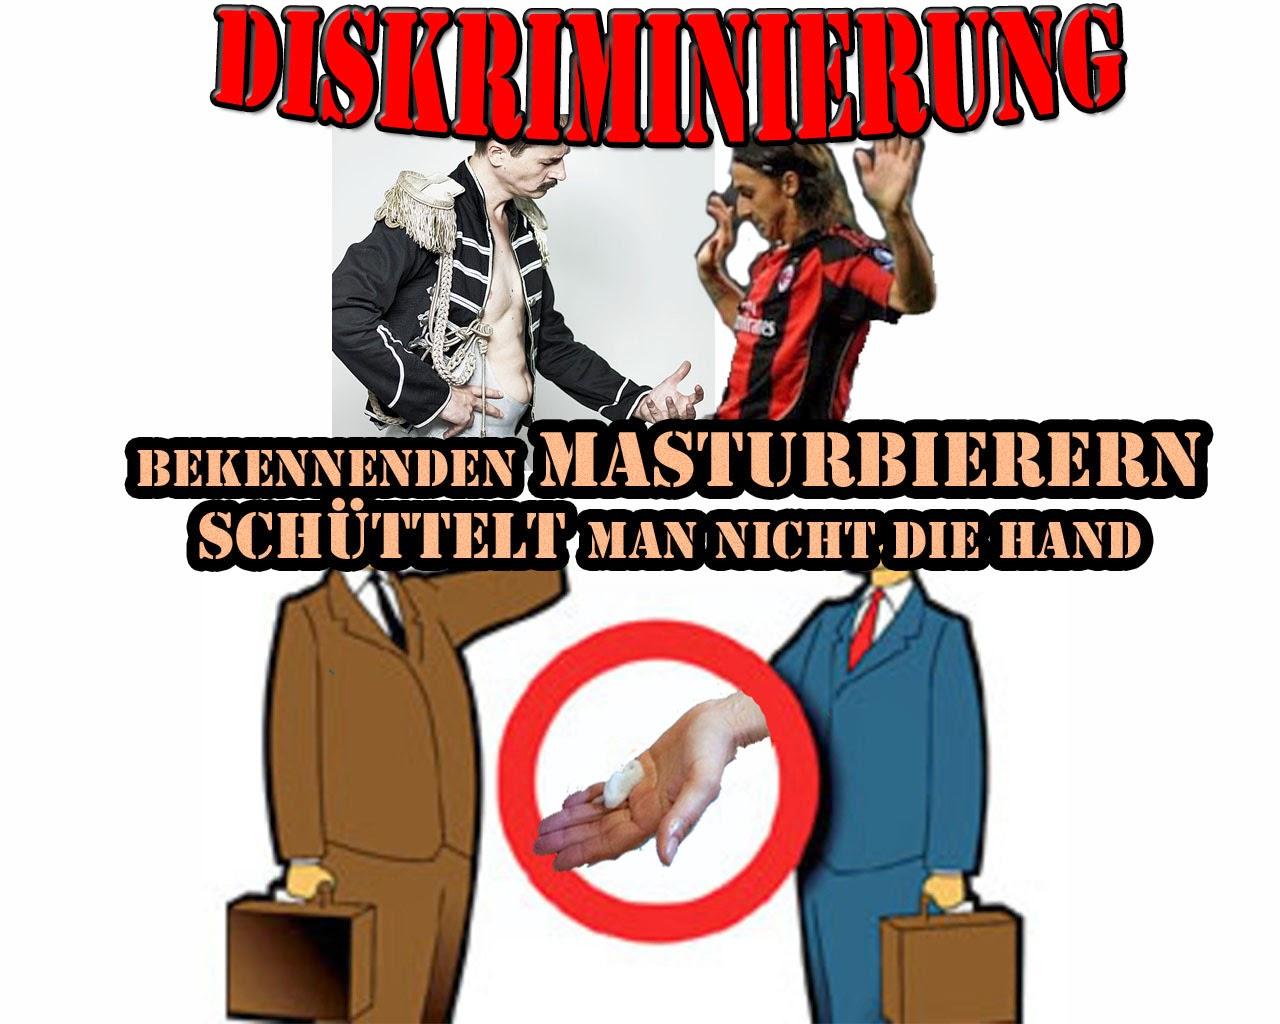 Lustige Diskriminierung - Masturbierern nicht die Hand schütteln Satire